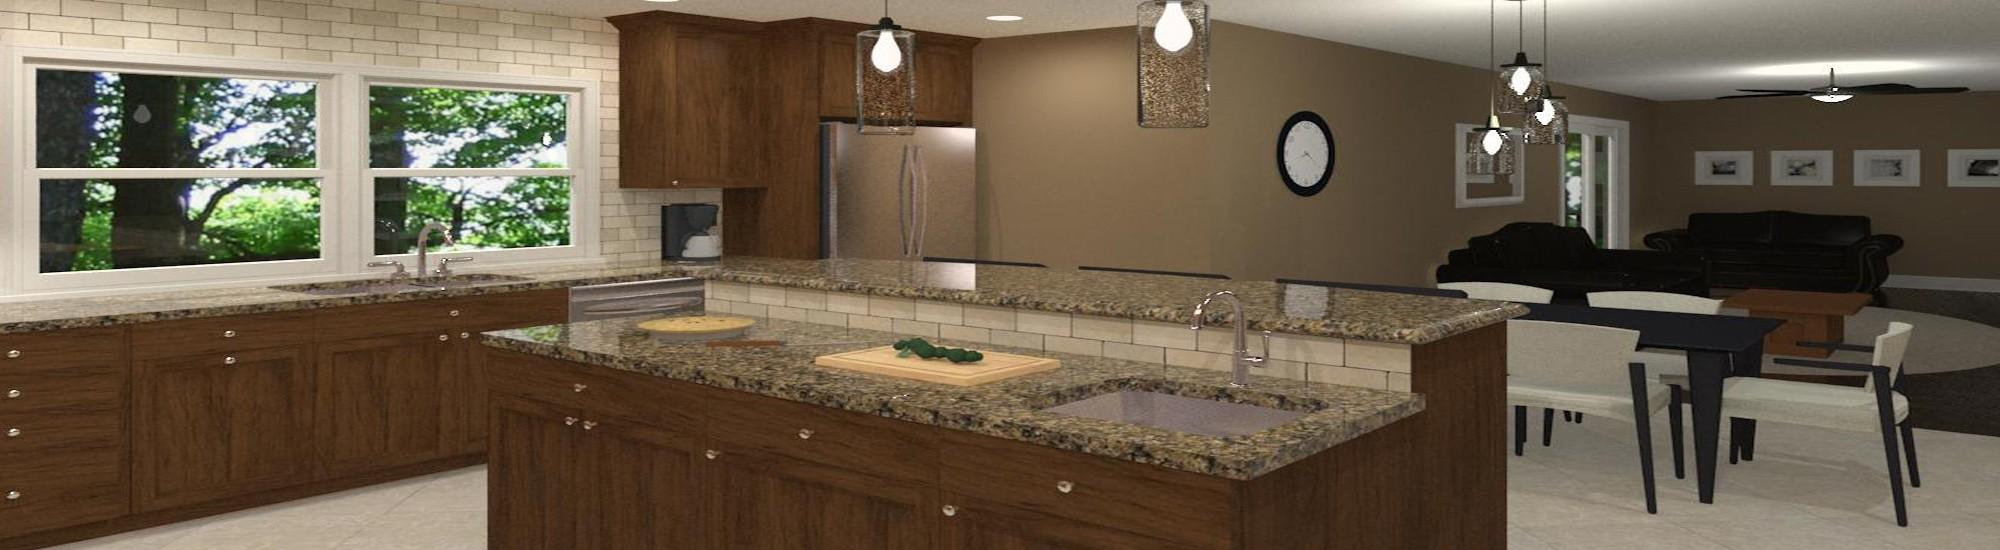 Design Build Pros Kitchen (5)